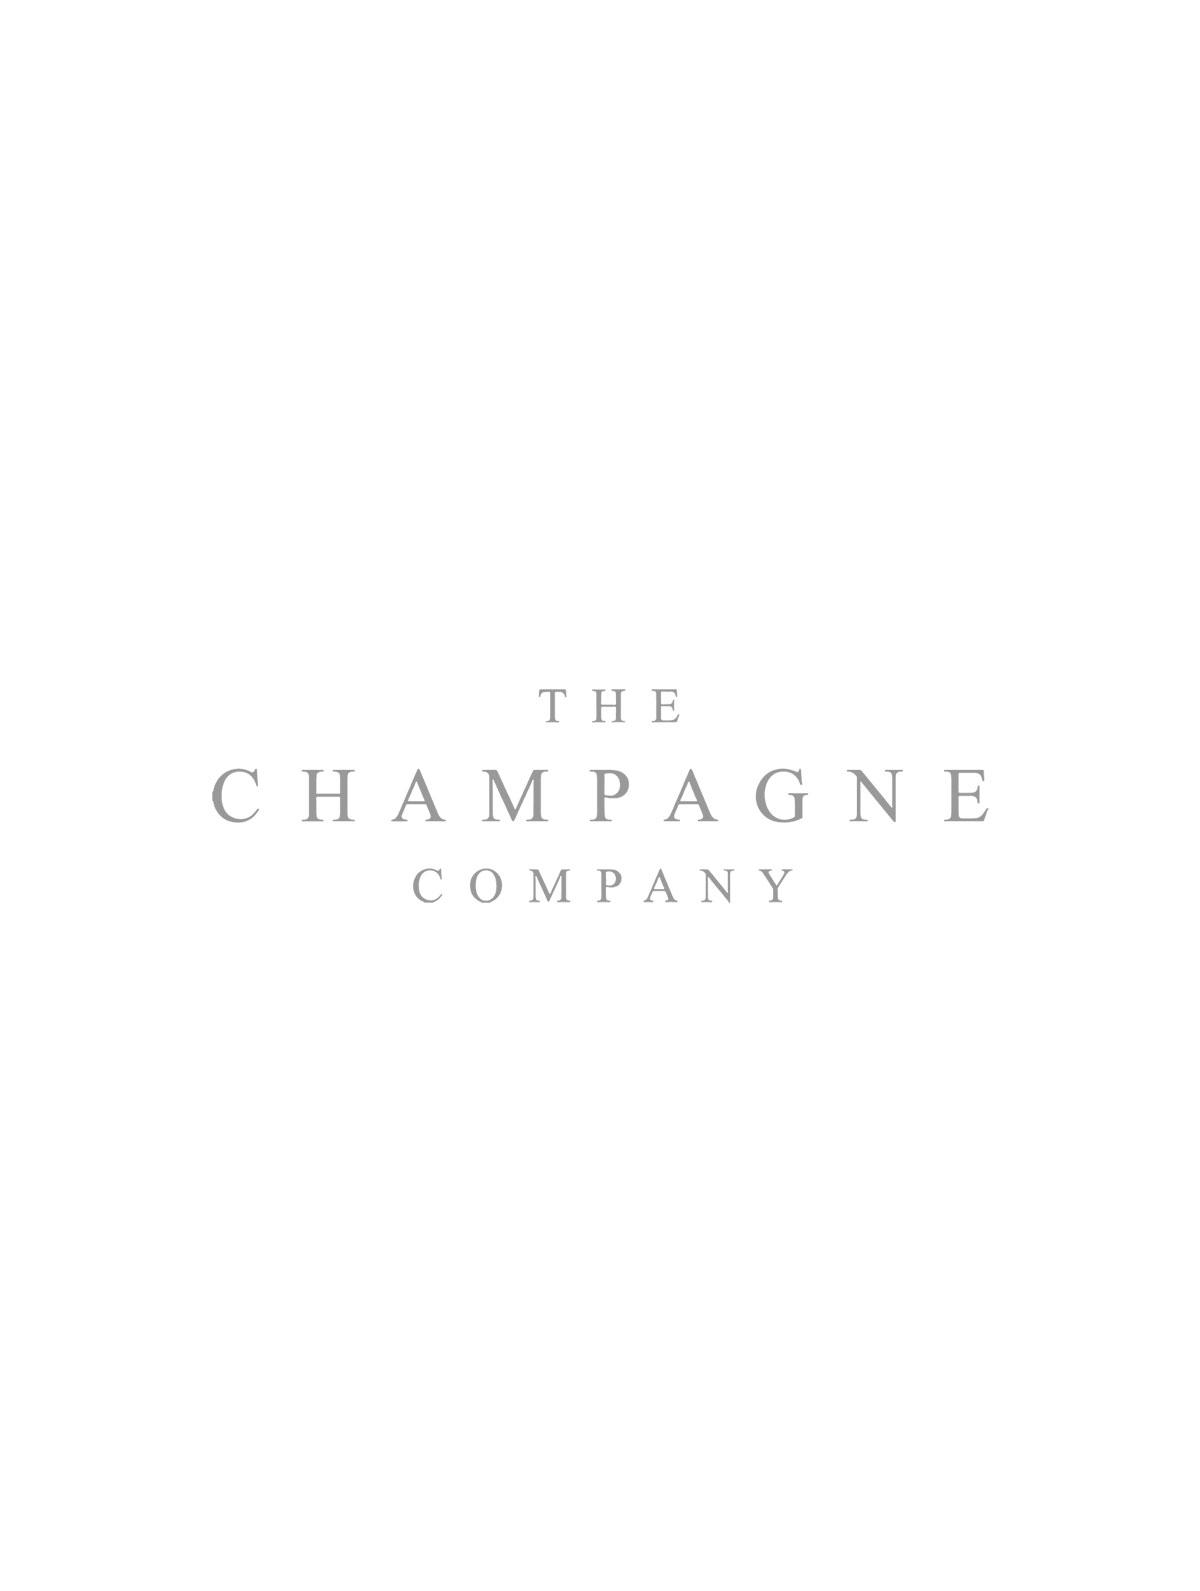 Lagavulin The Distillers Edition 2003 Single Malt Whisky 70cl